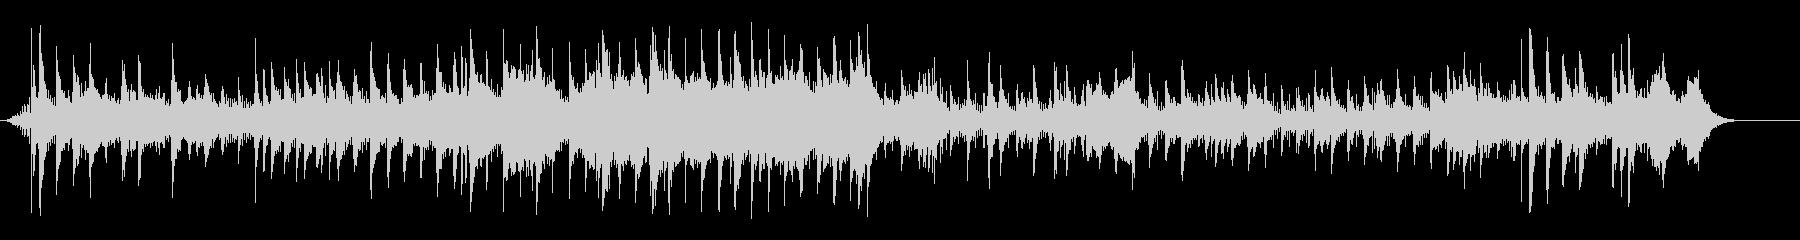 幻想的ムードのフュージョン風サウンドの未再生の波形